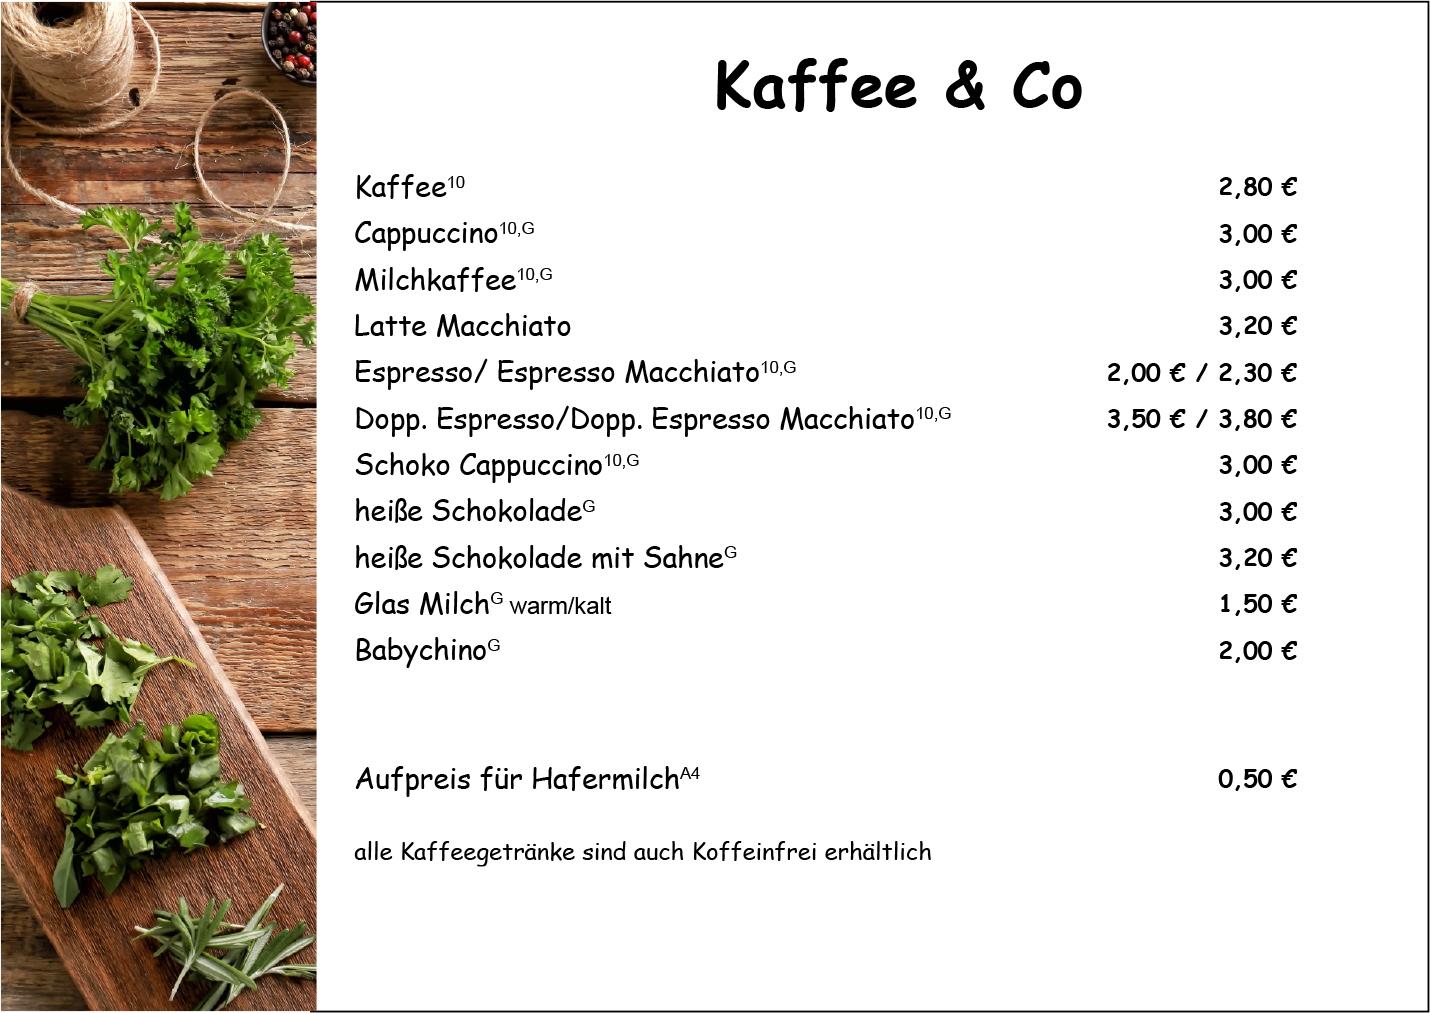 Kaffee Appenweier